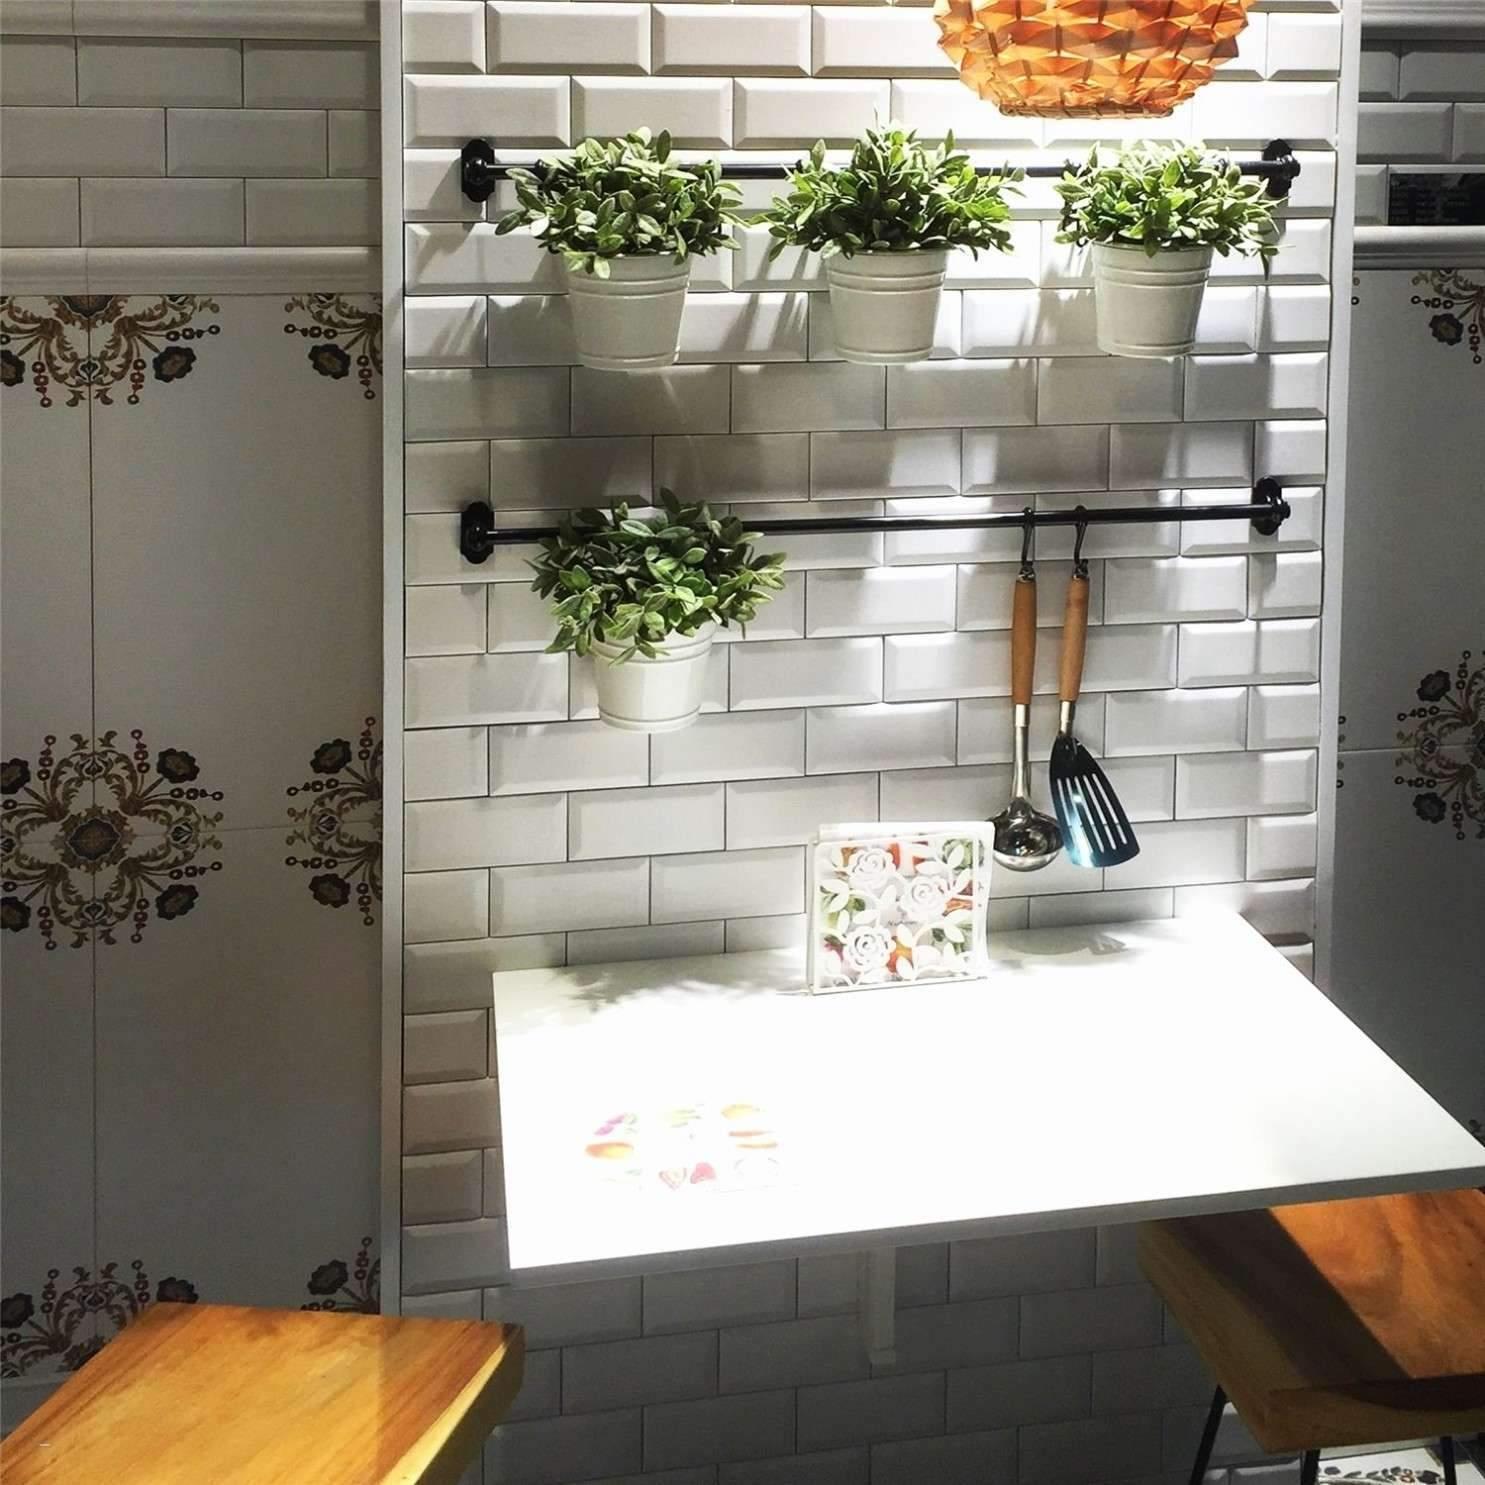 Full Size of Wanddeko Ideen Wohnzimmer Inspirierend Genial Tapeten Küche Bad Renovieren Wohnzimmer Wanddeko Ideen